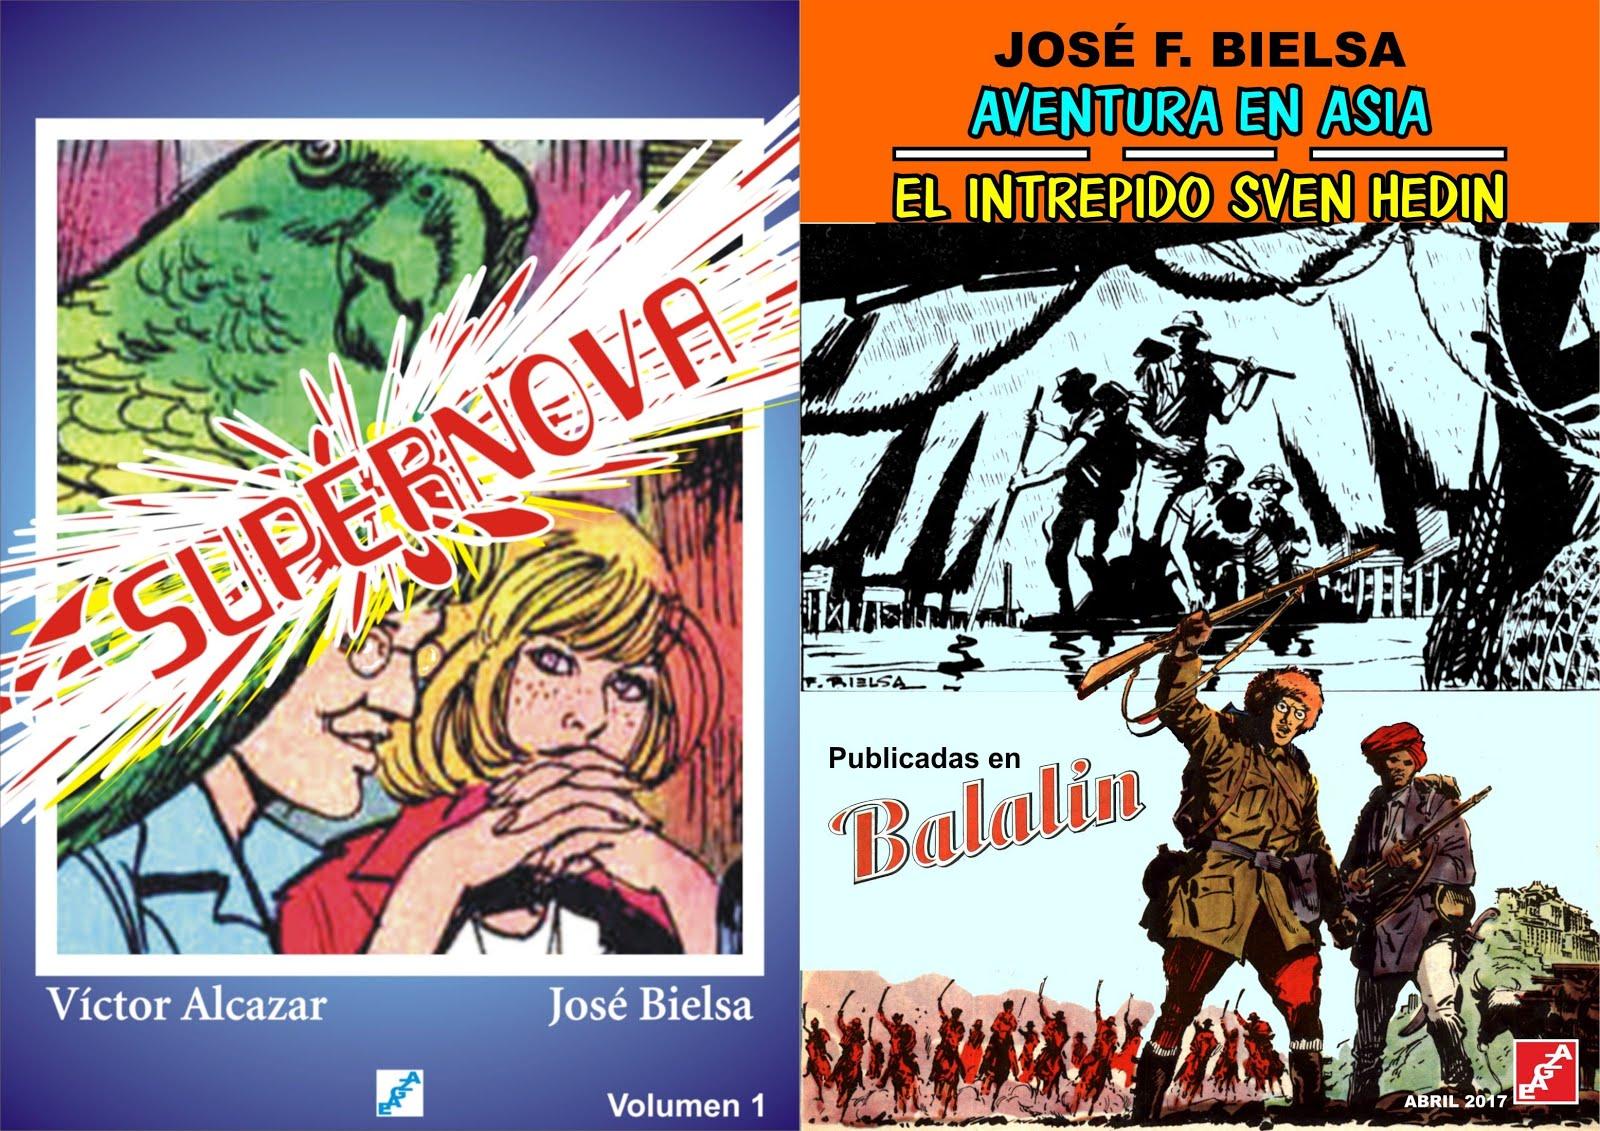 Obras de José Bielsa - EAGZA